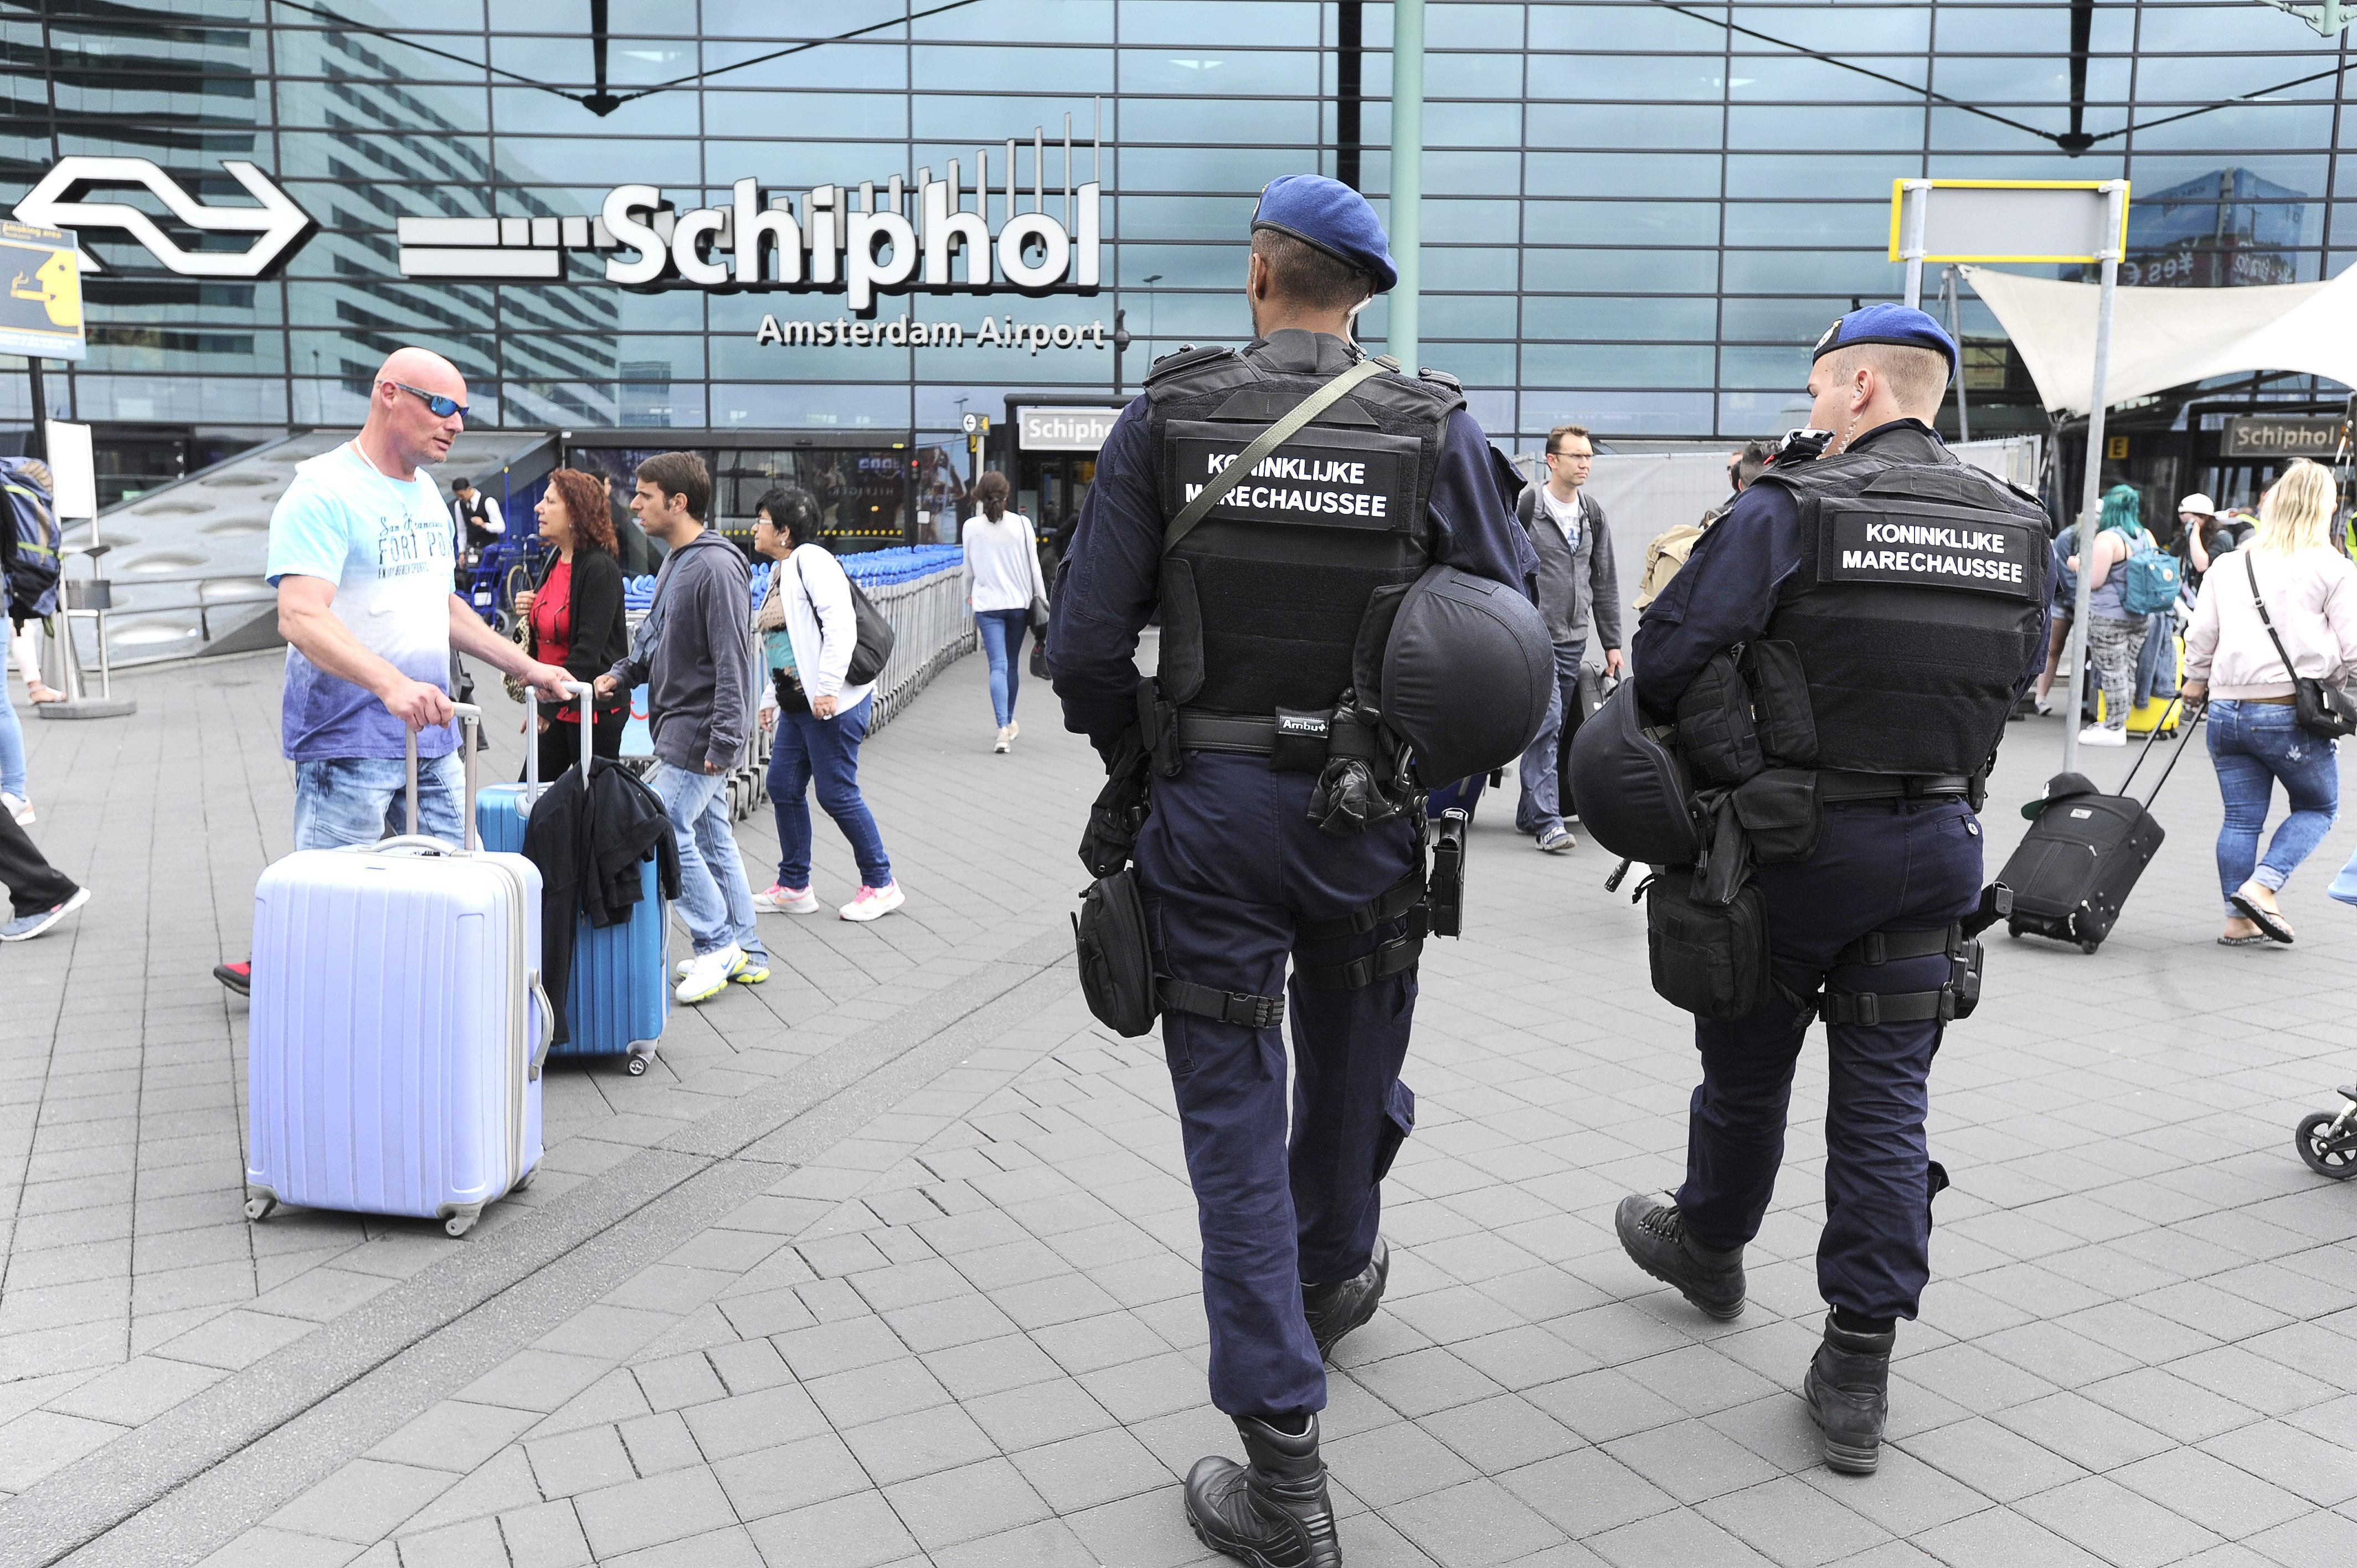 Twee Noorse mannen aangehouden op Schiphol, overtraden coronaregels in vliegtuig